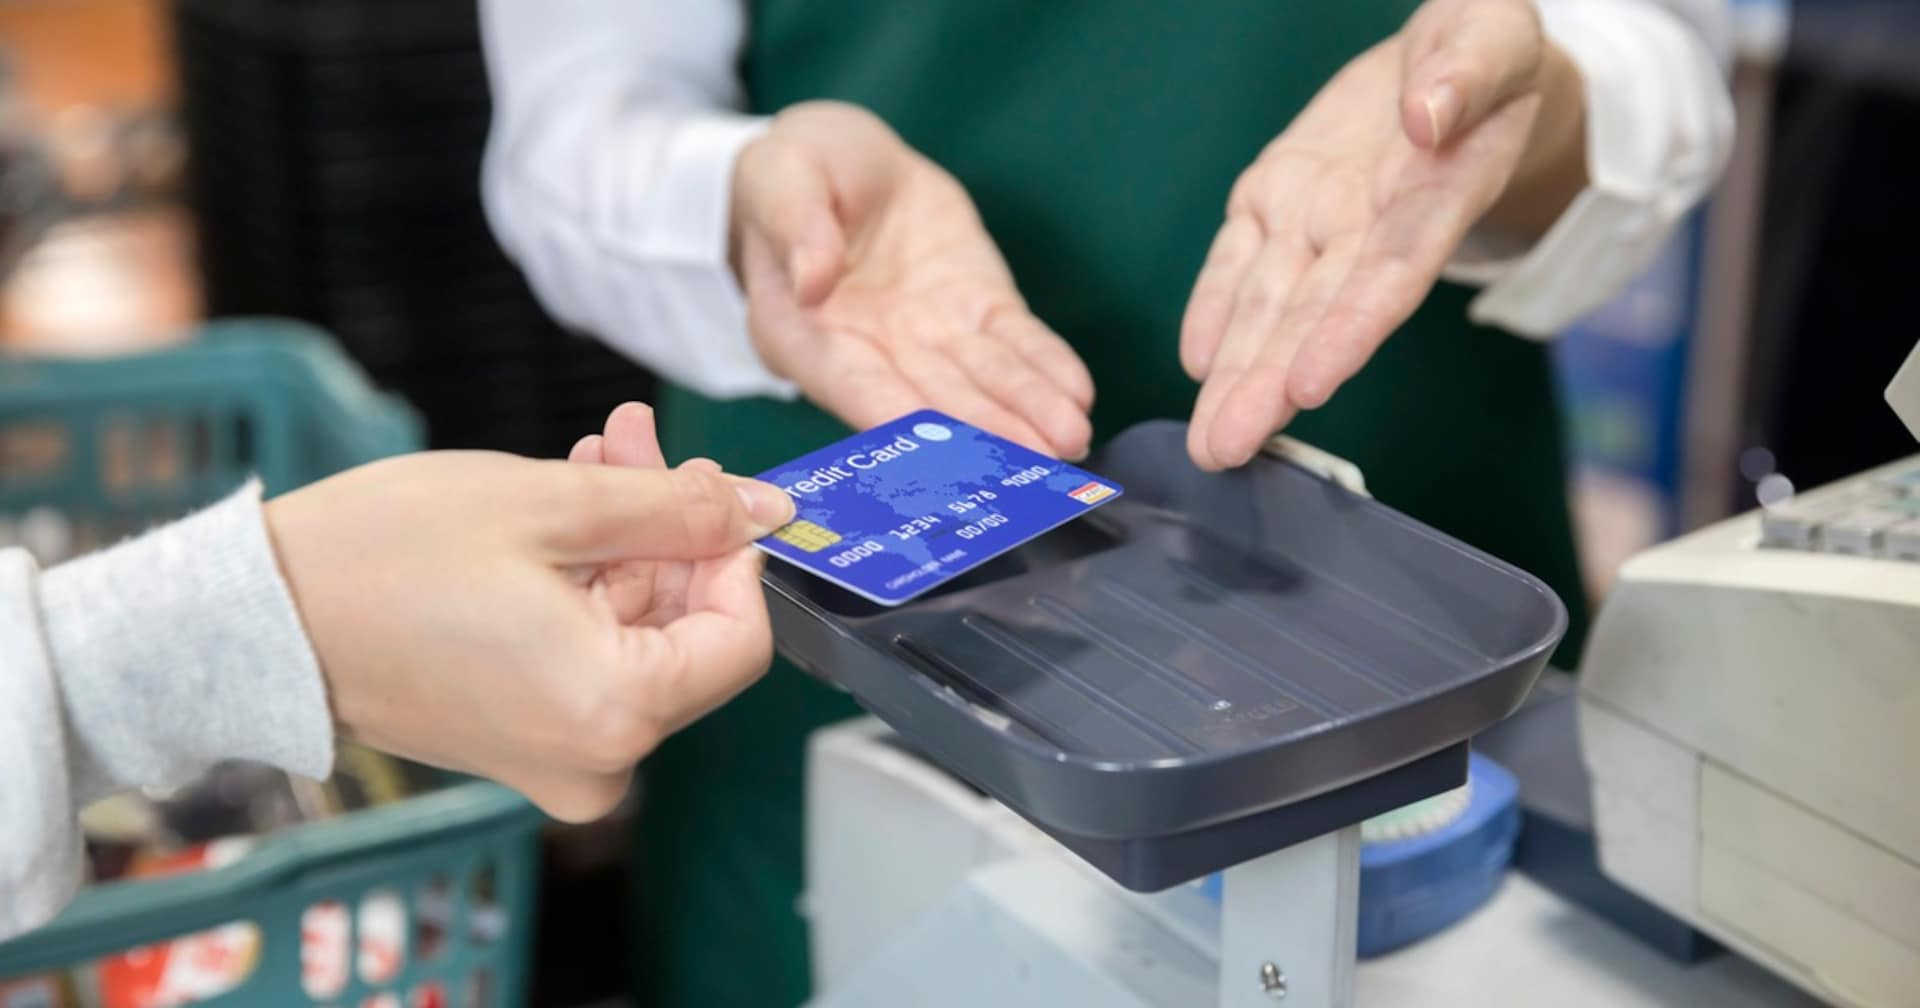 【SNSで話題】急増するクレジットカード不正利用…被害に遭わないためにすべきことは?